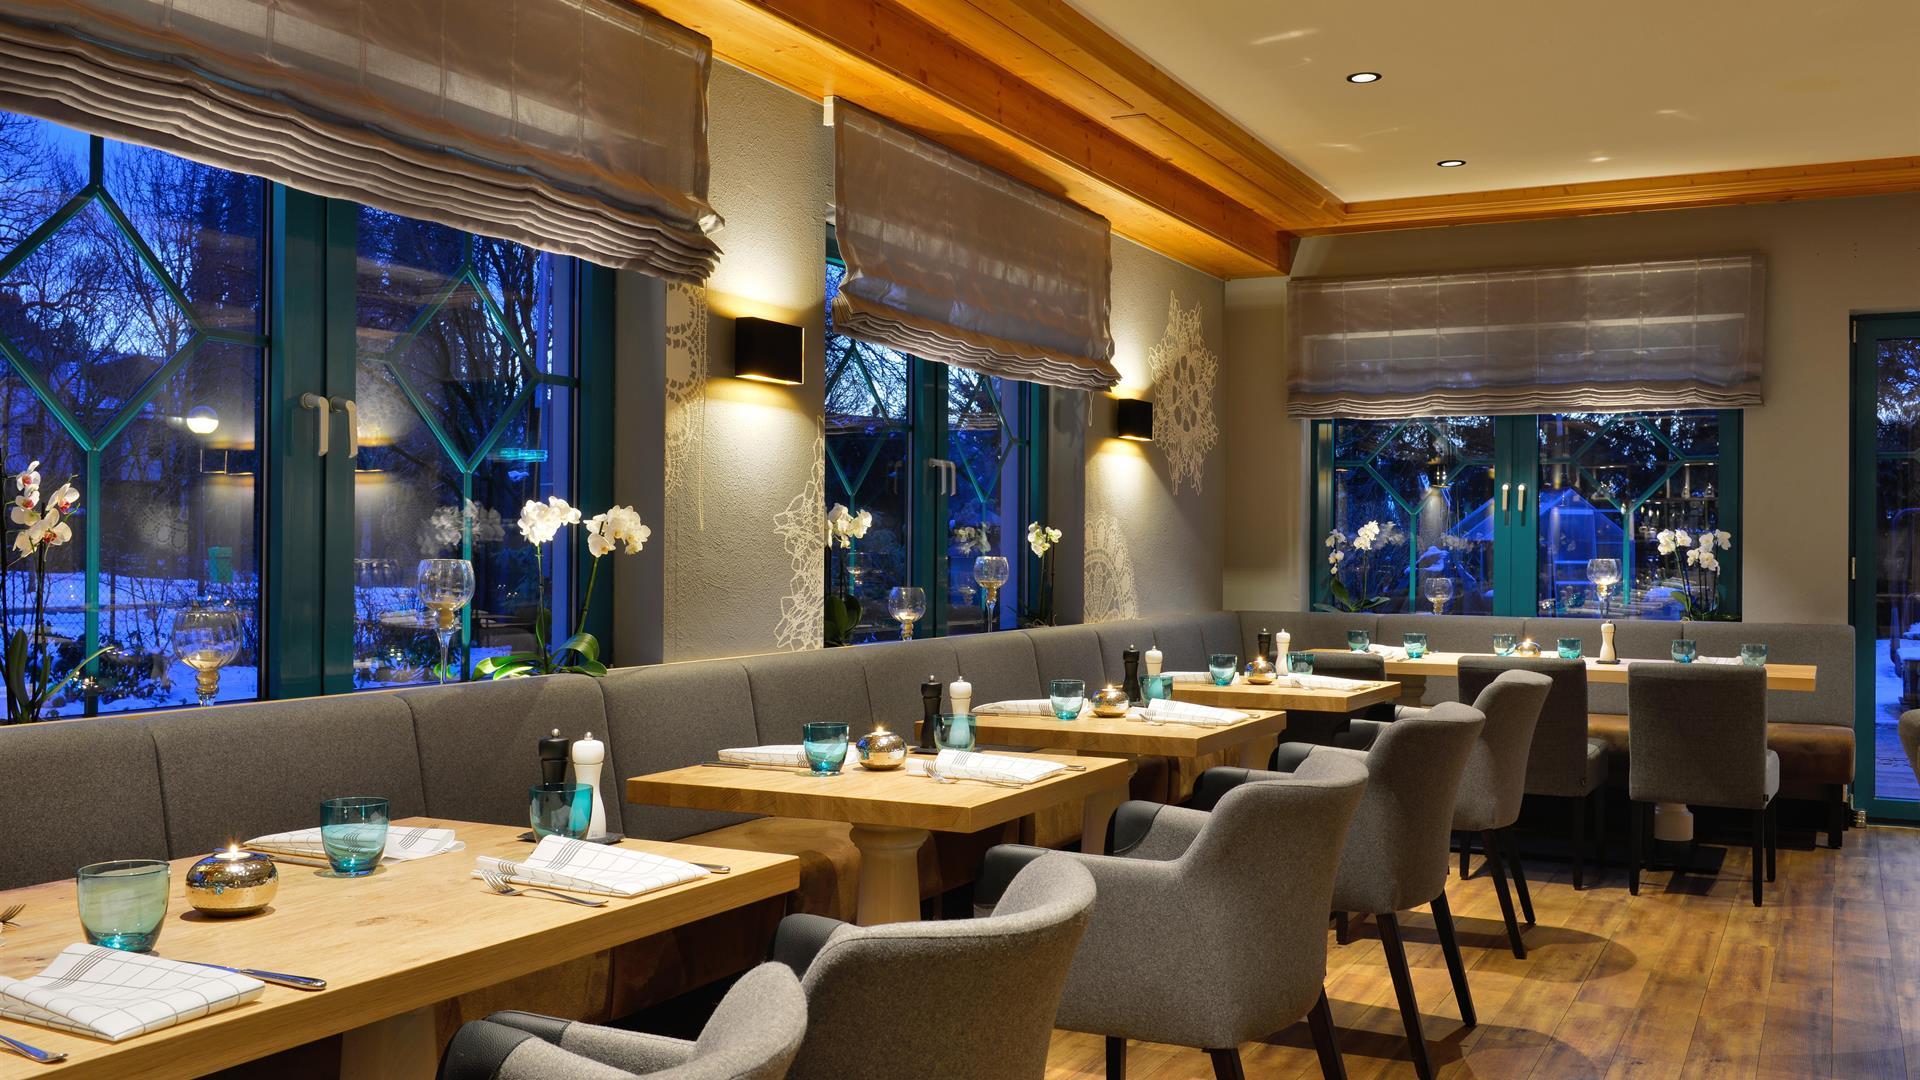 Abendessen Geniessen Almgrill Restaurant Hotel Erb Parsdorf